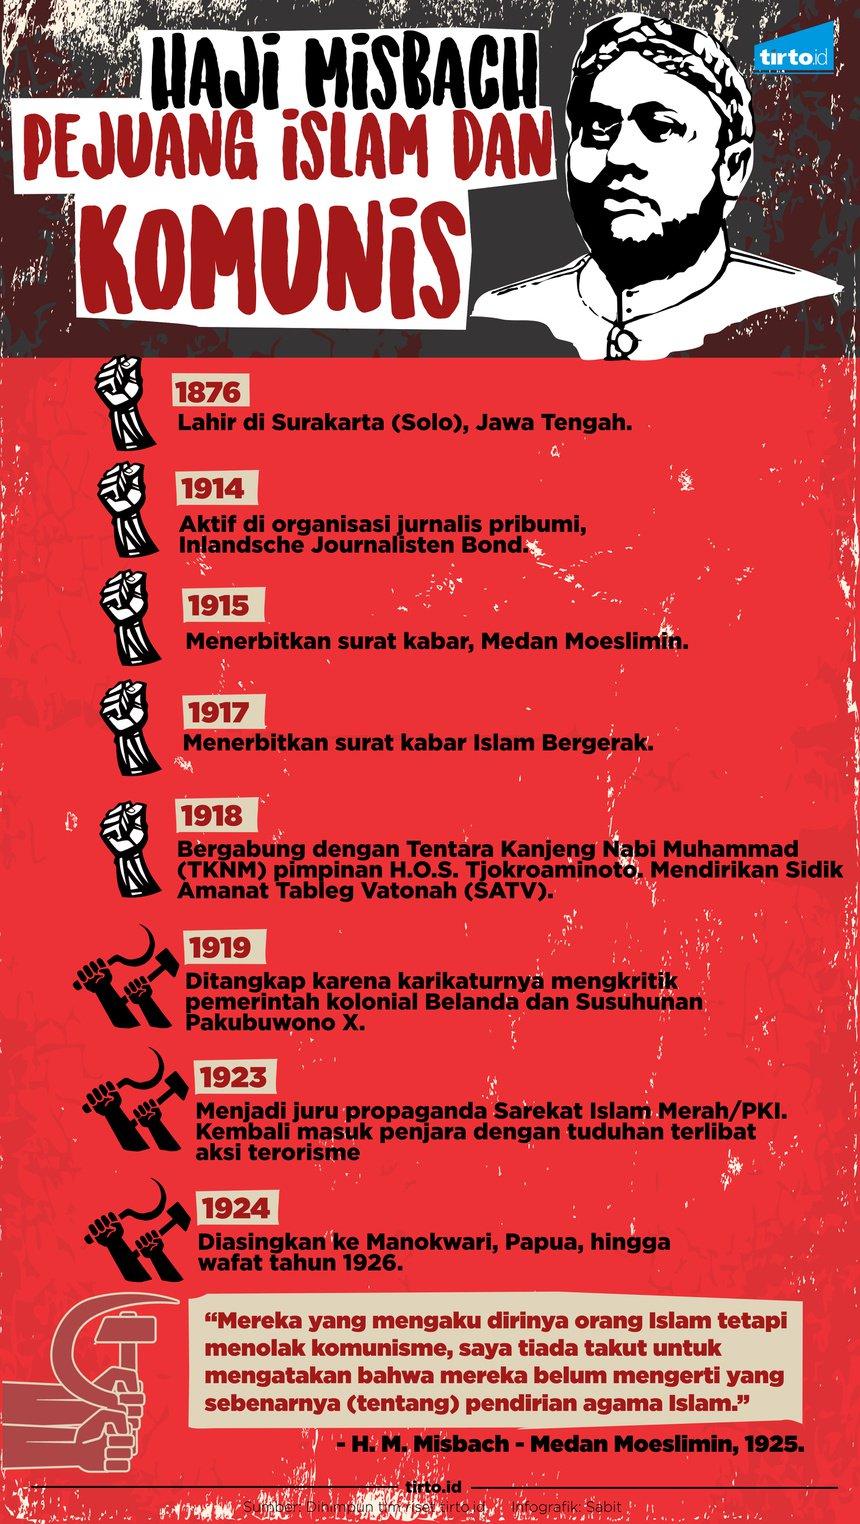 InfografikHajiMisbachPejuangIslamDanKomunis